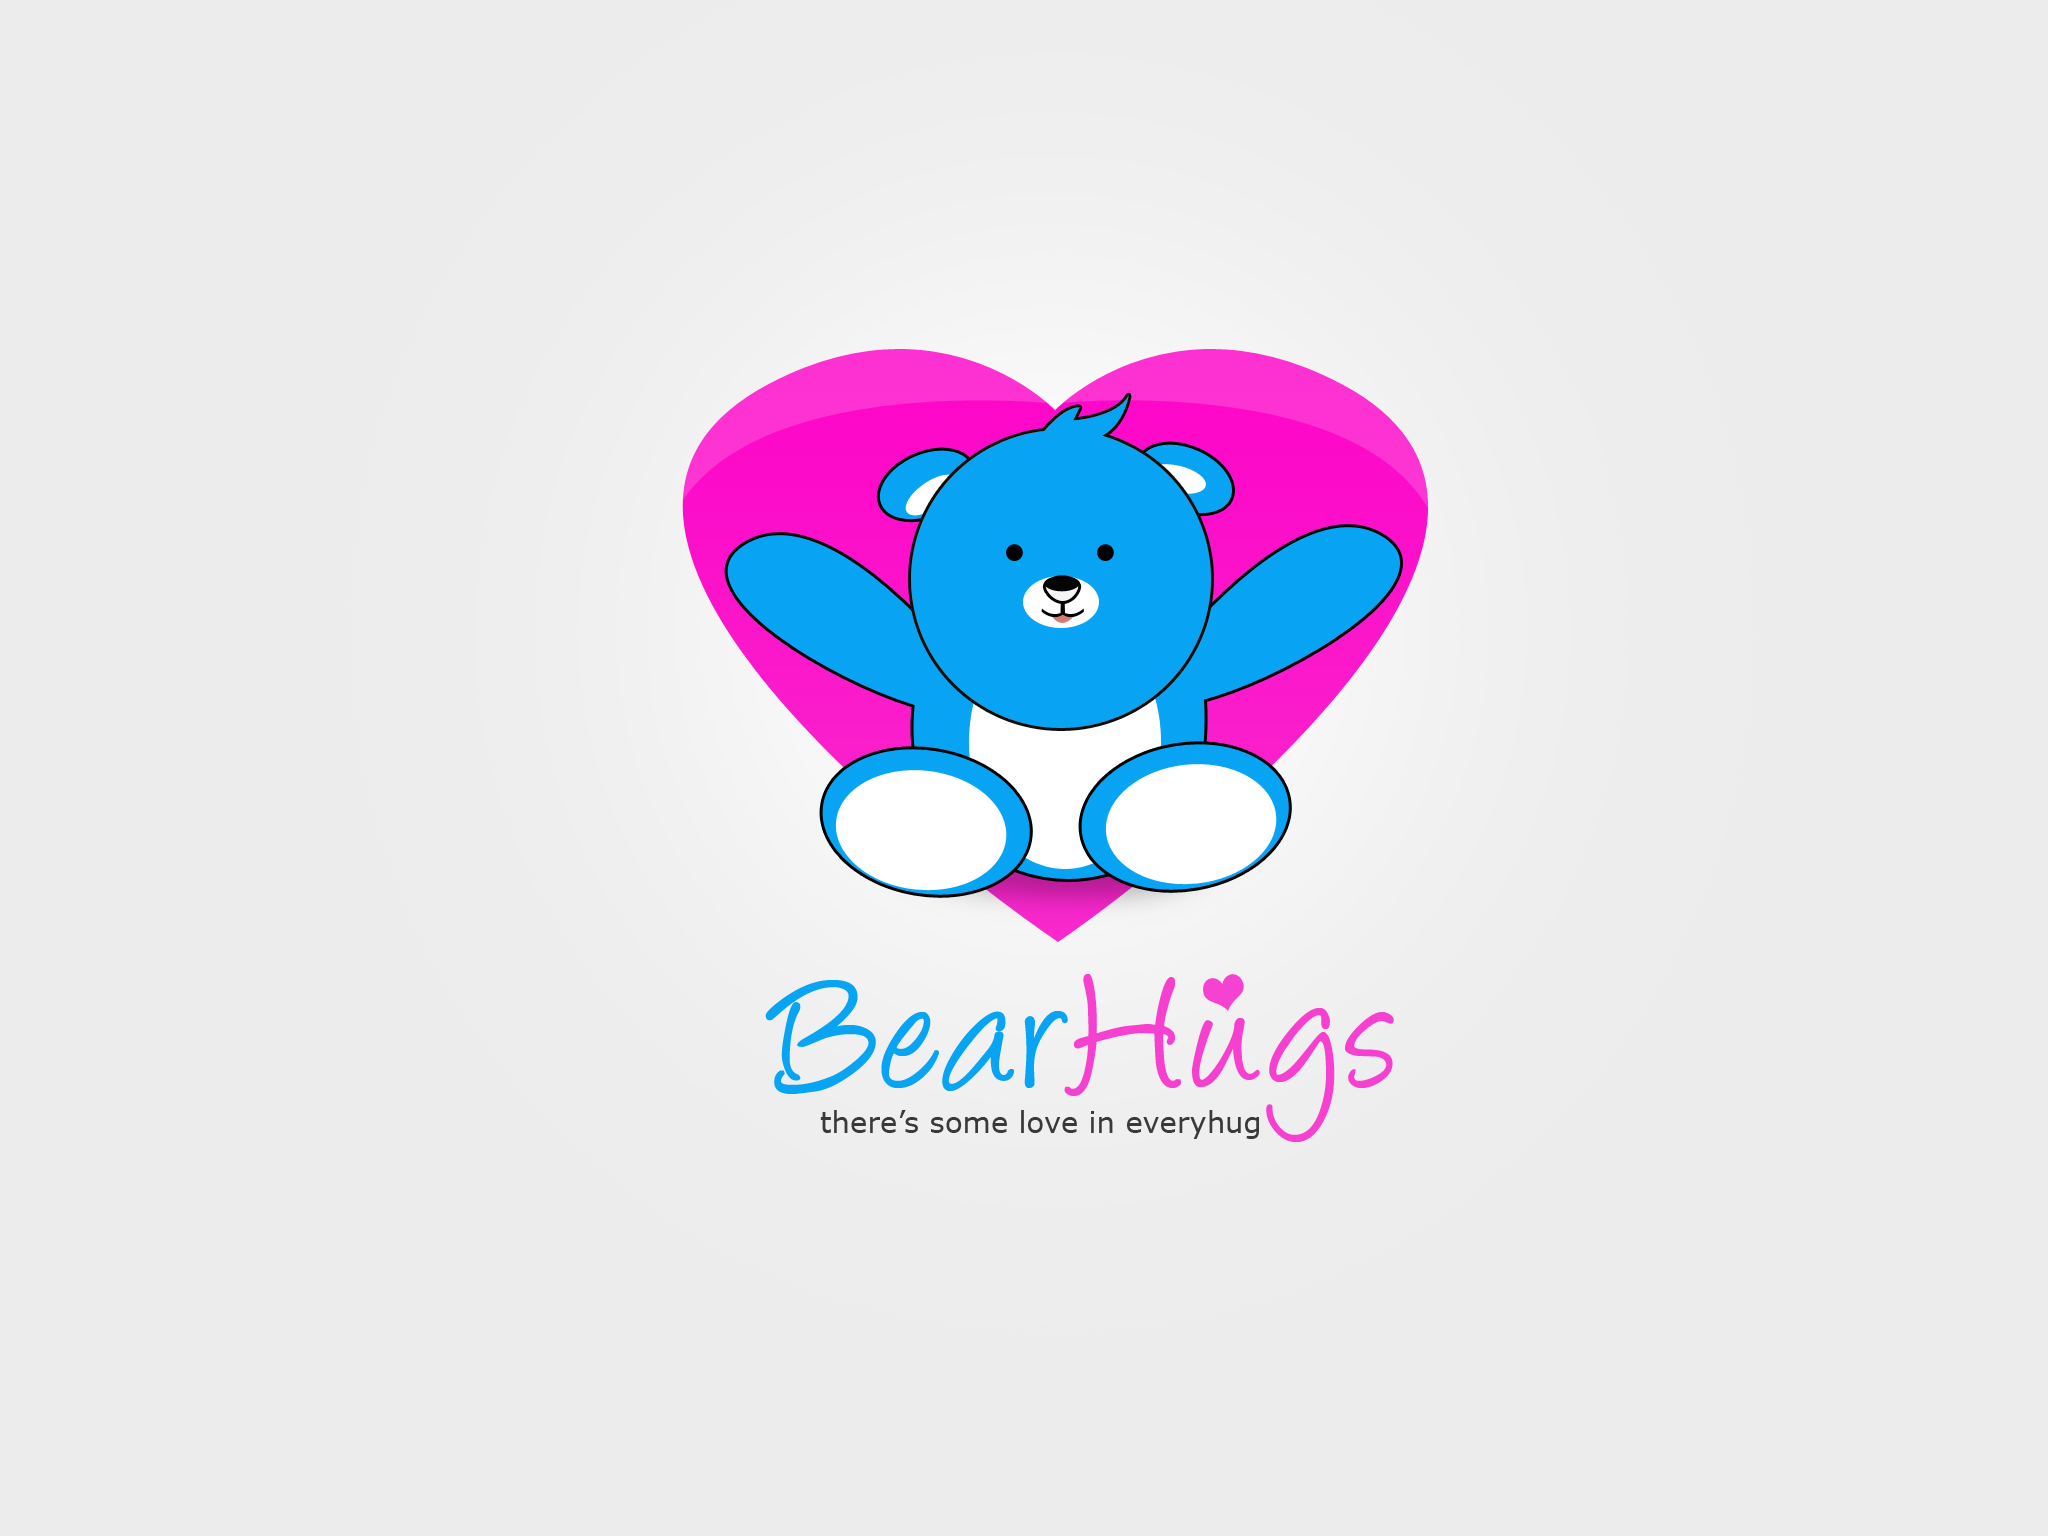 Logo Design by Jan Chua - Entry No. 55 in the Logo Design Contest Inspiring Logo Design for BearHugs.